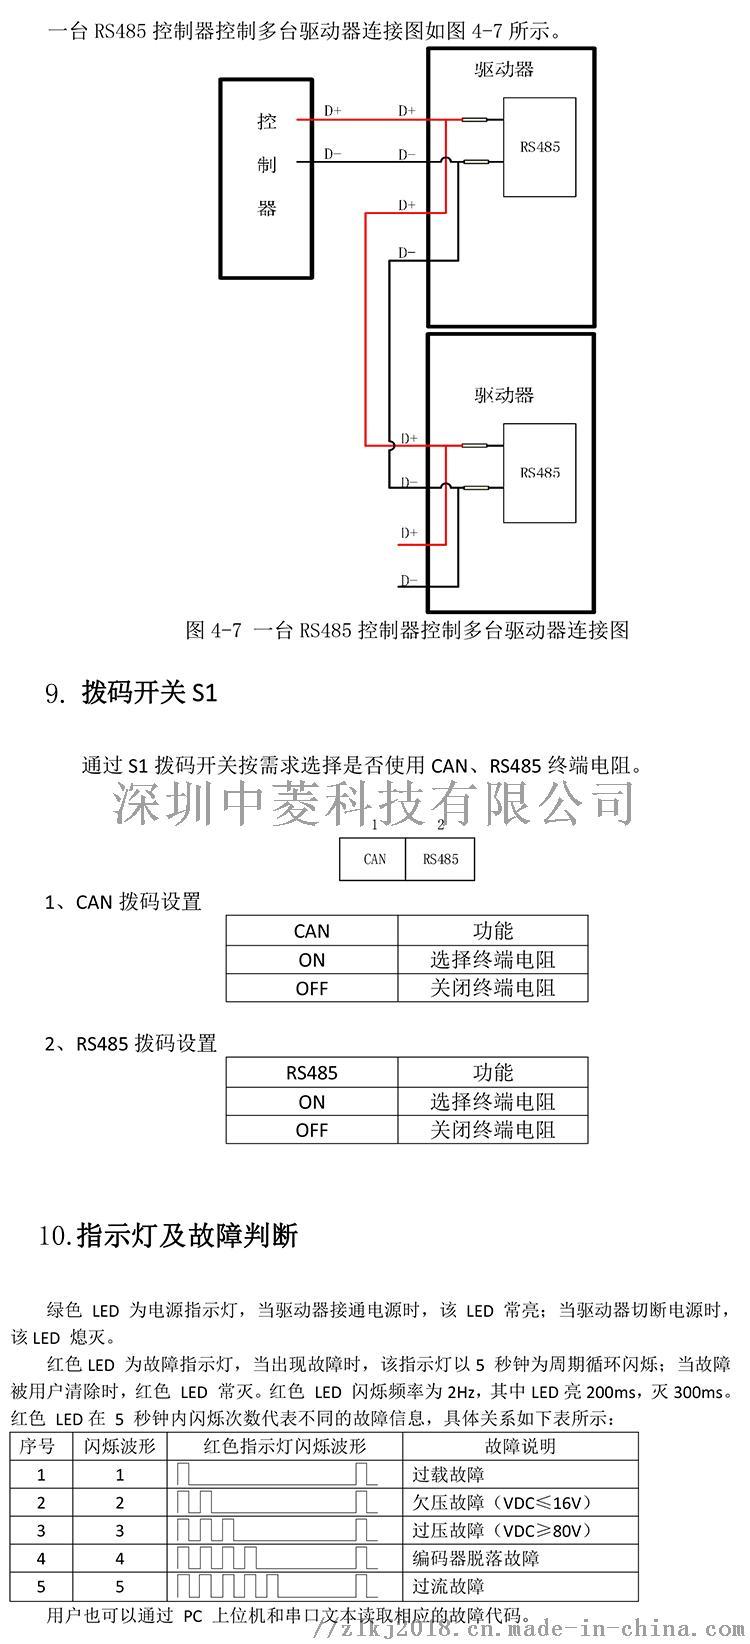 ZLAC706-RC详情页官网的_07.jpg